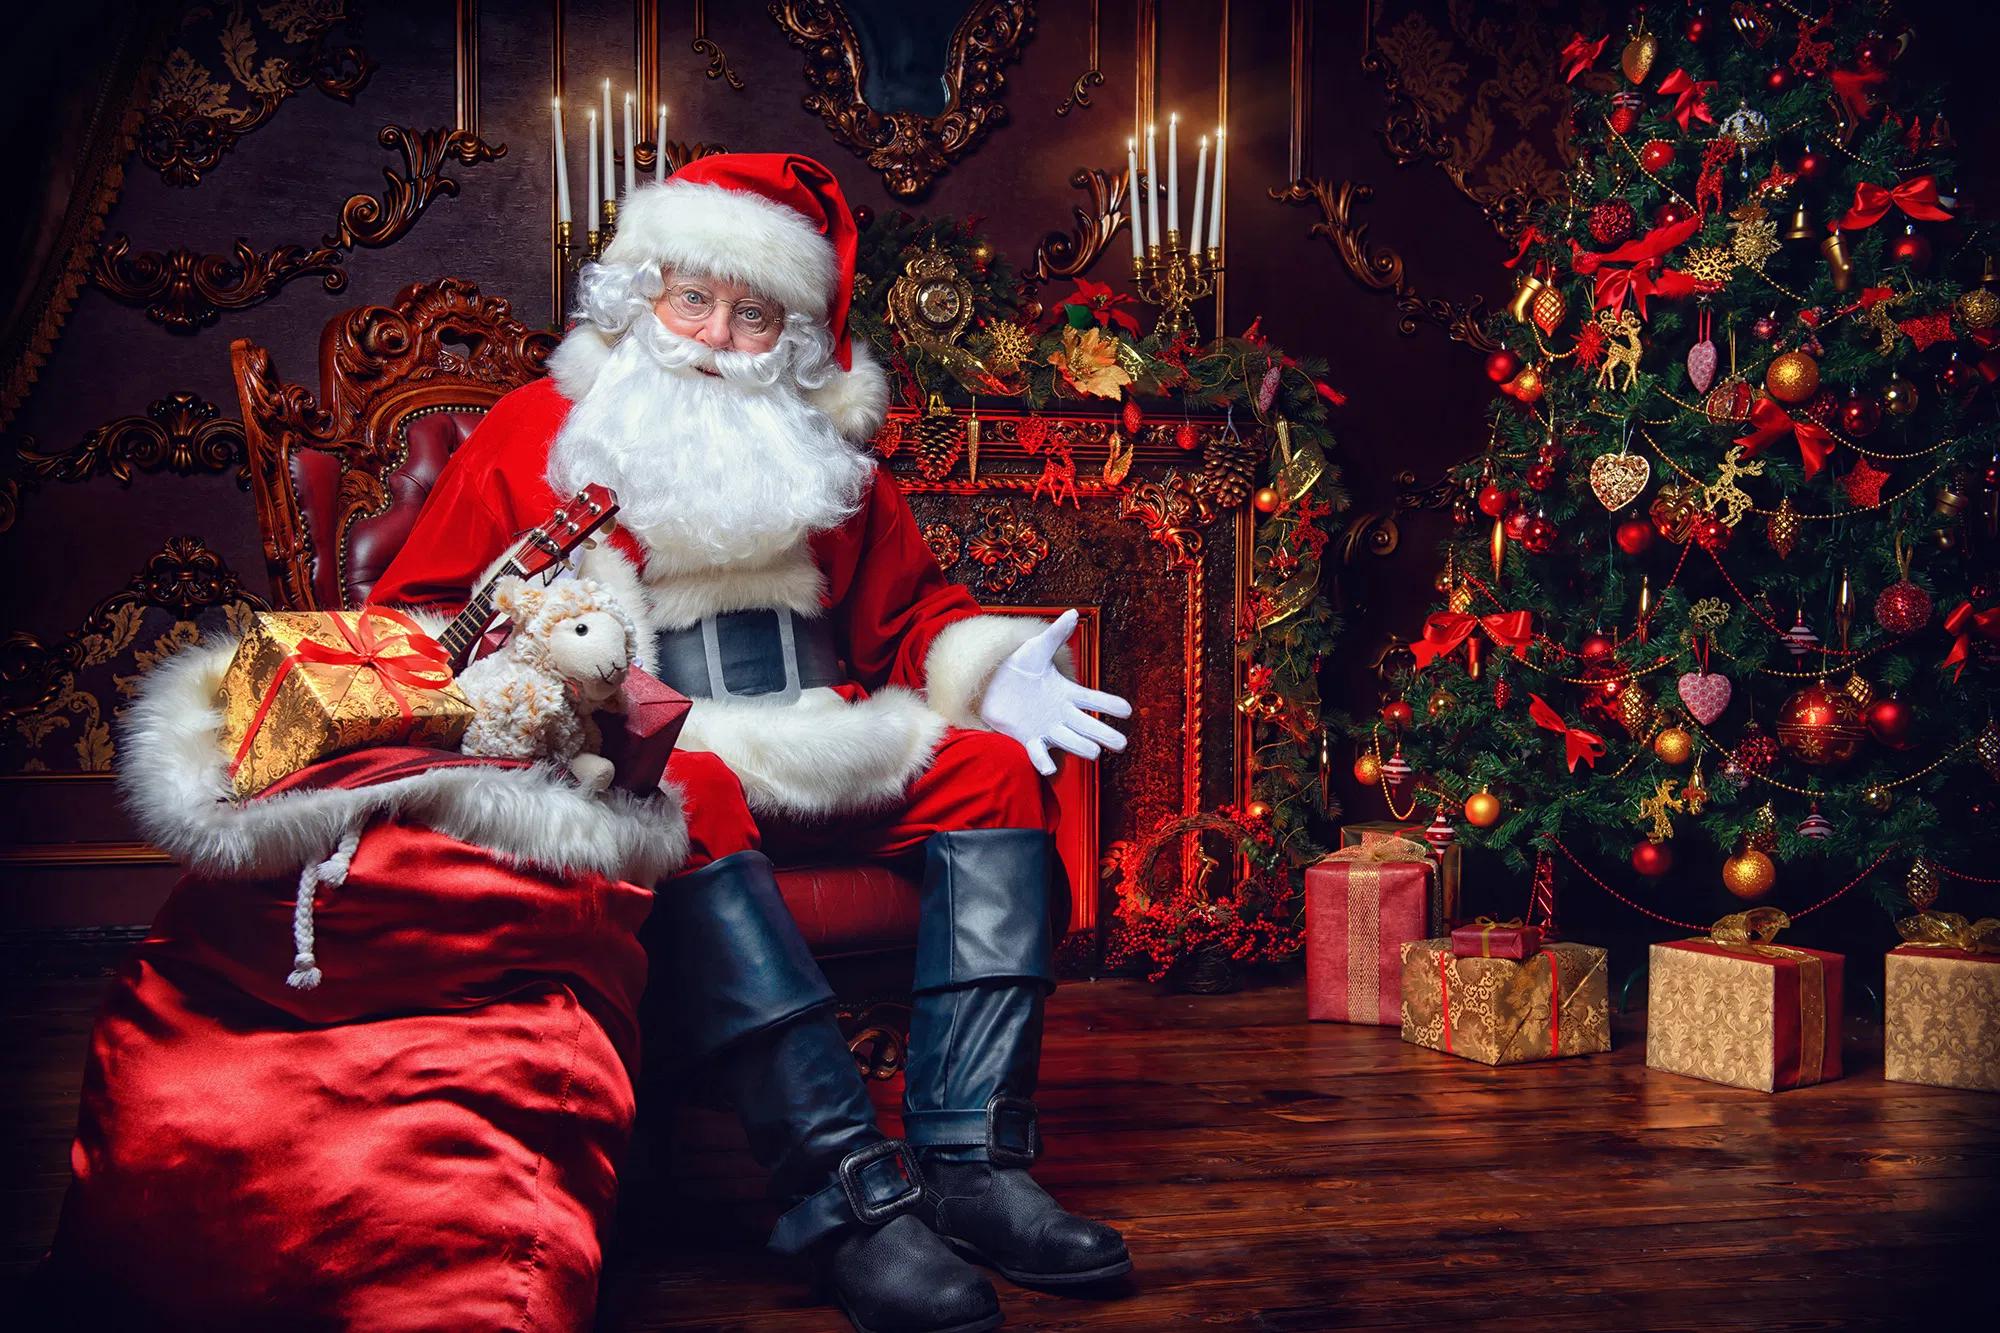 داستانهایی در مورد کریسمس که اینروزها خوانده میشود